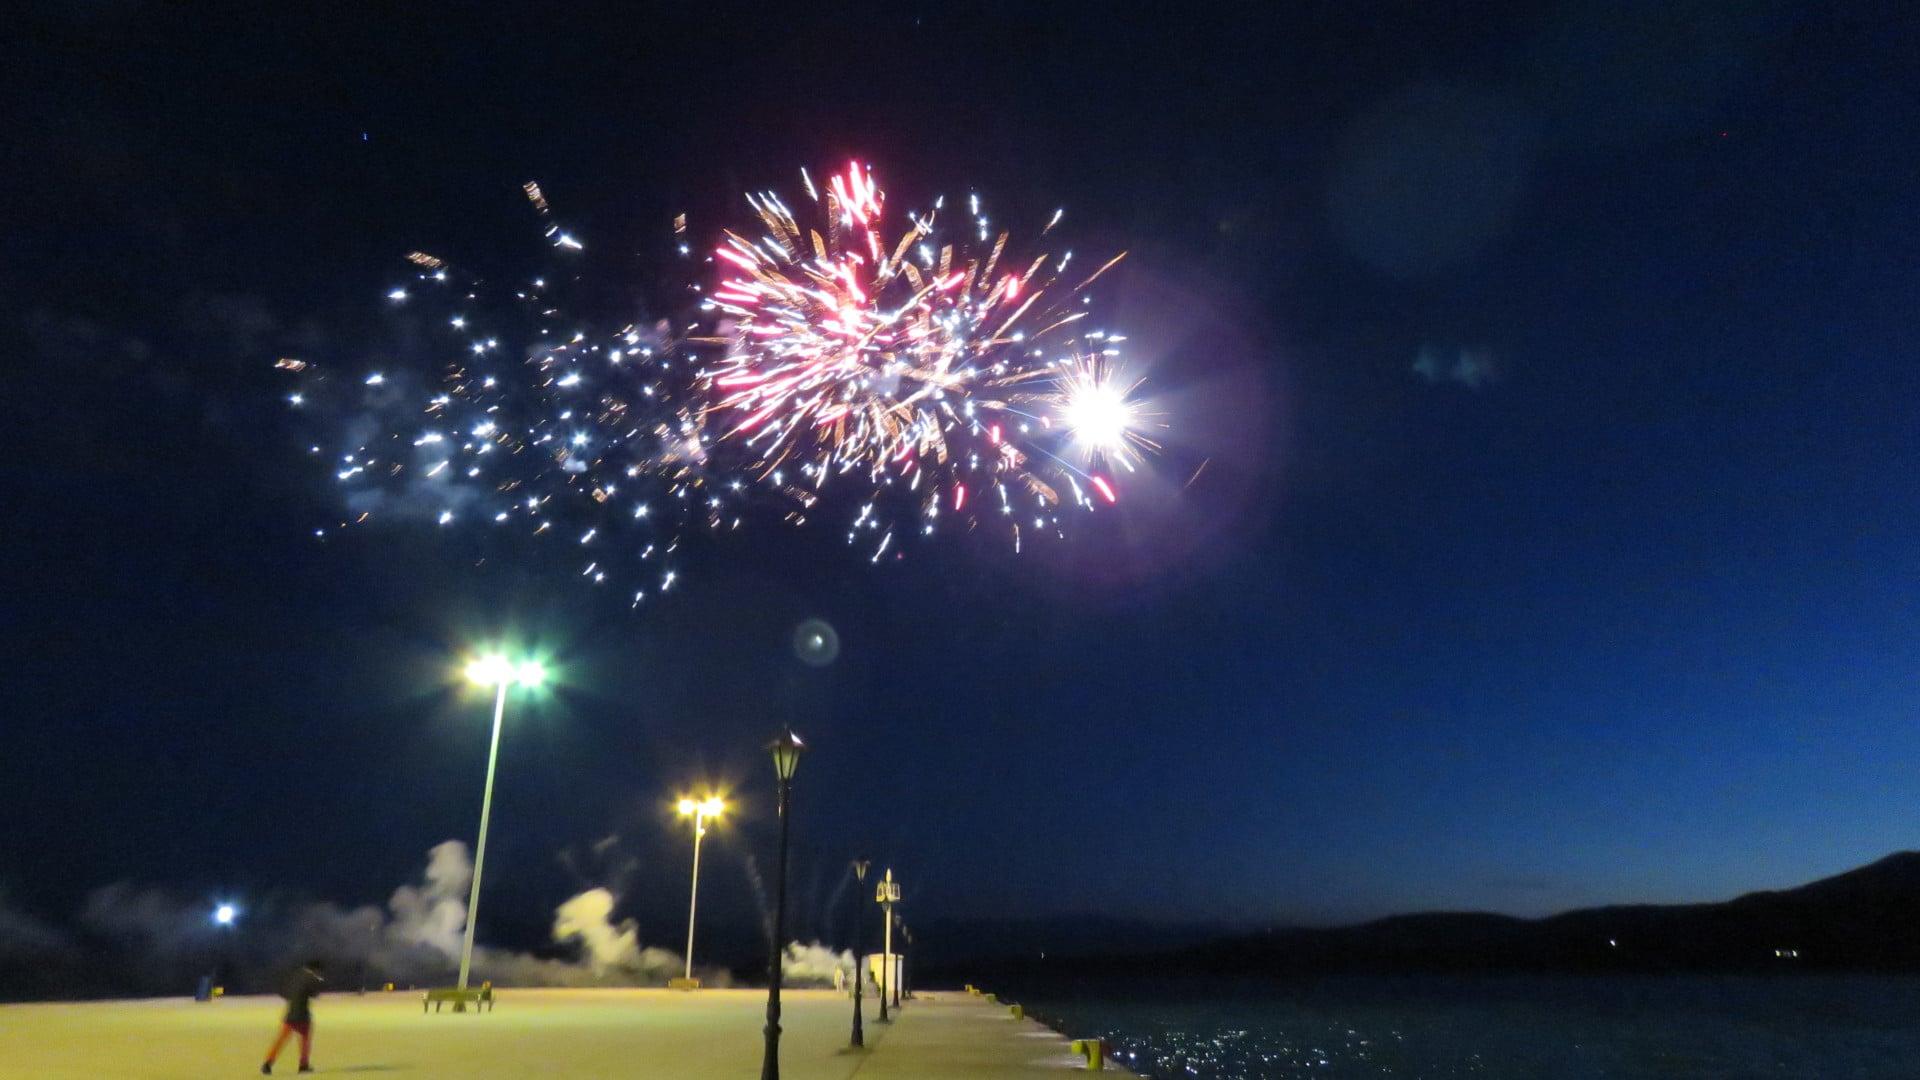 Οι ομορφότερες φωτογραφίες από το Καρναβάλι στο Λιμάνι!